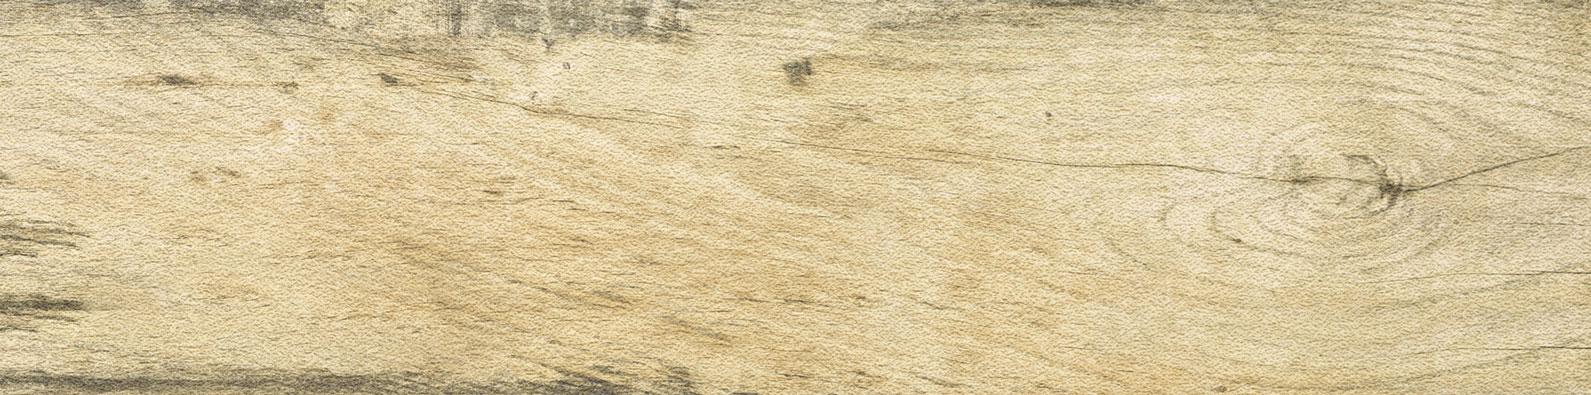 Płytka podłogowa deskopodobna Tubądzin Rustic Pine Gold 22,3x89,8